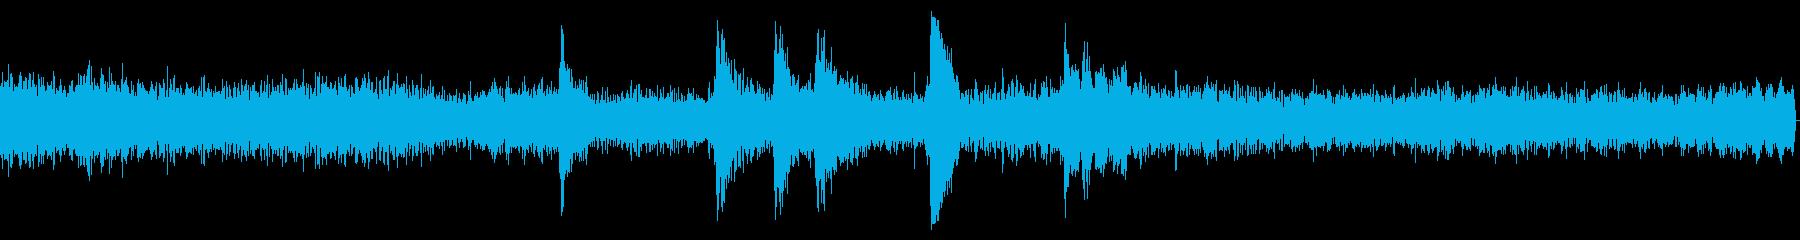 ガガガガ(騒がしい音)の再生済みの波形